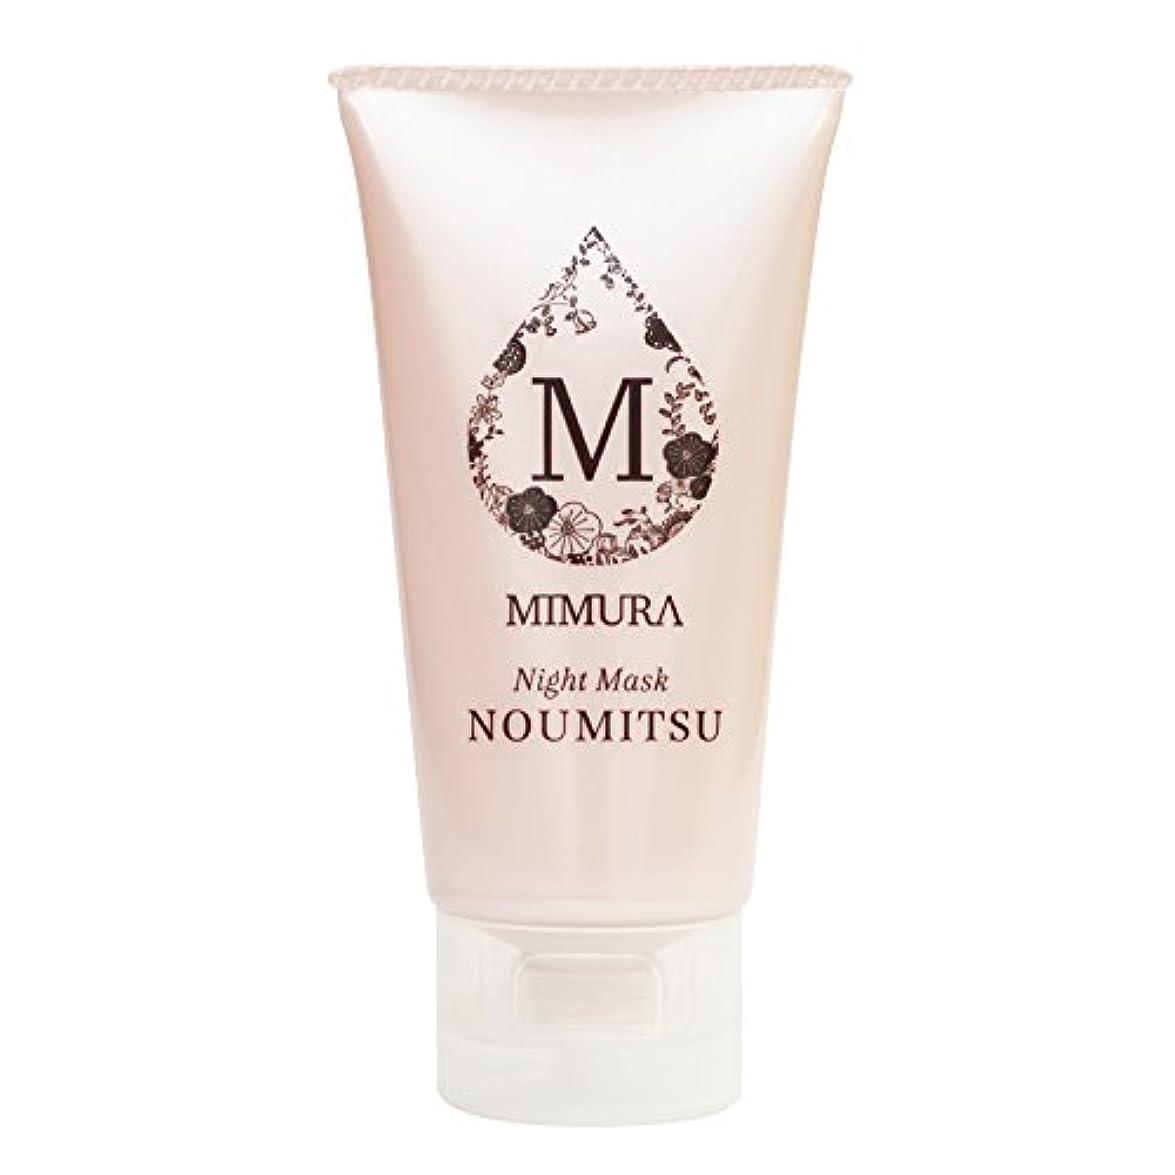 国家辞任する印象的なナイトケアクリーム 保湿 顔 用 ミムラ ナイトマスク NOUMITSU 48g MIMURA 乾燥肌 日本製